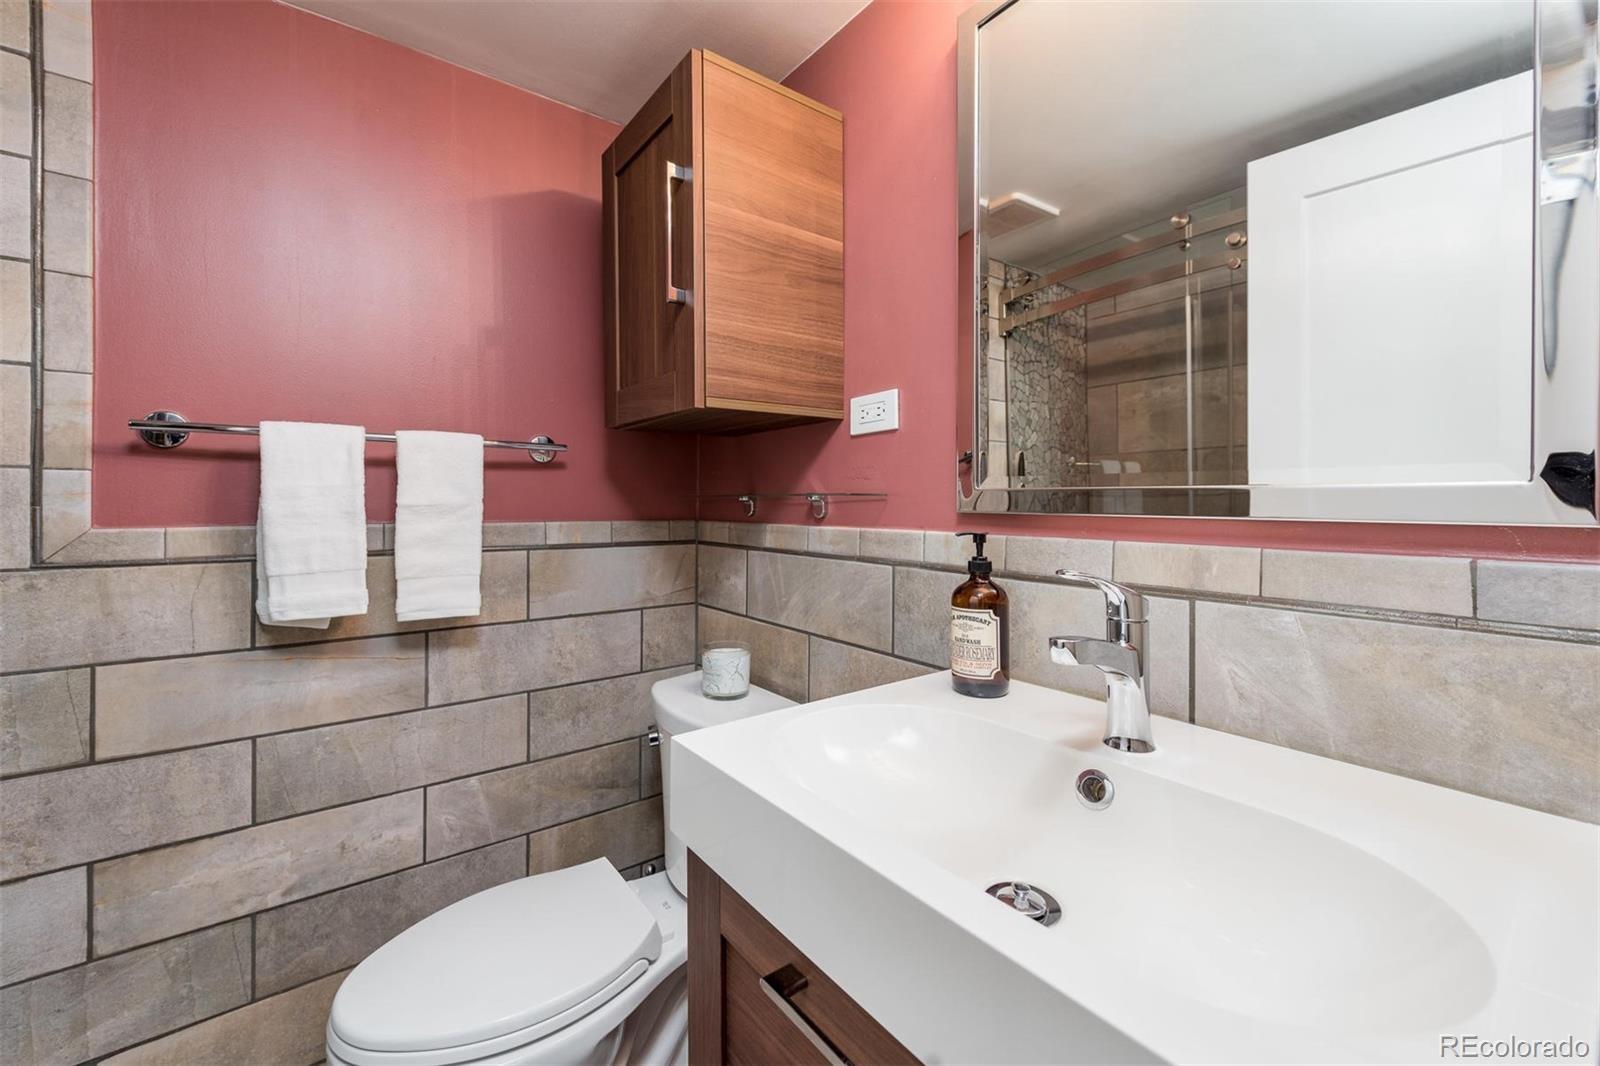 MLS# 6106394 - 14 - 1200 Vine Street #6E, Denver, CO 80206